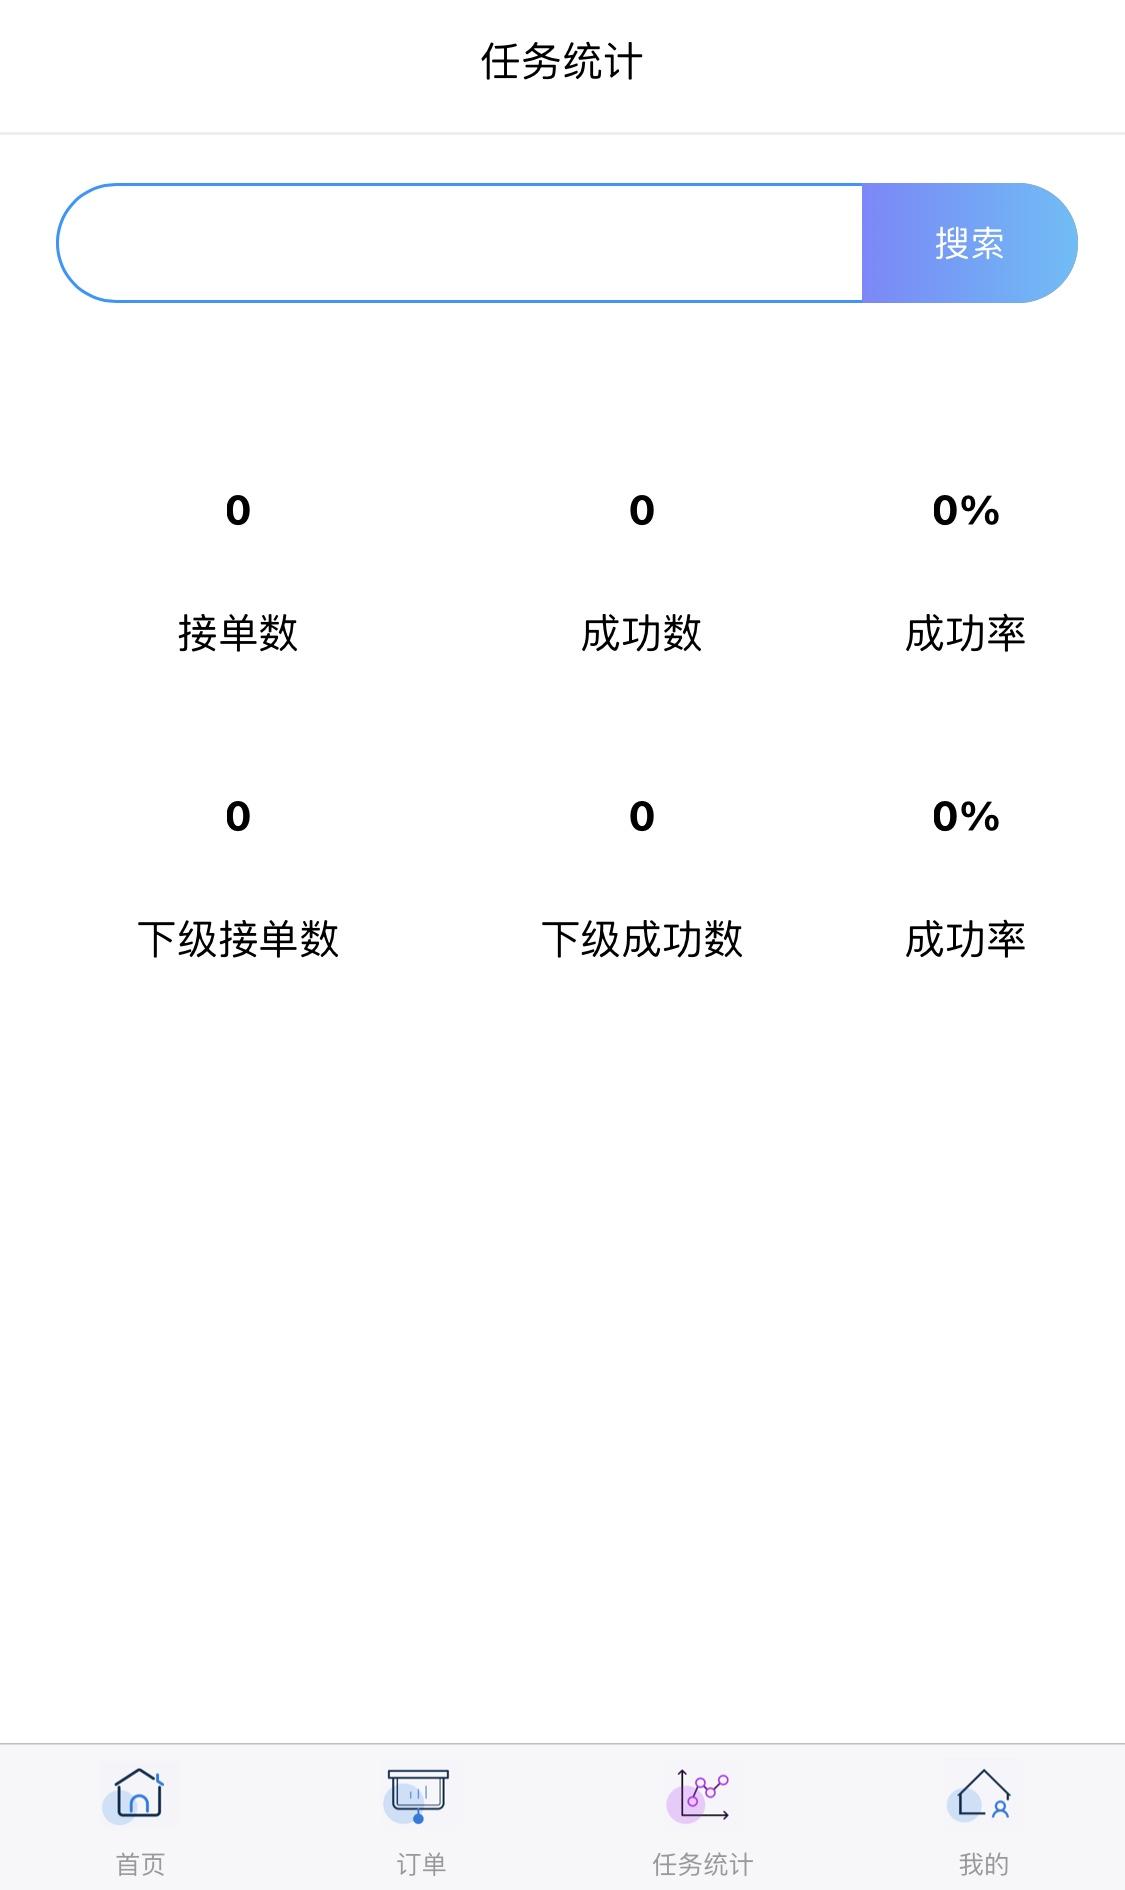 任务统计.jpg